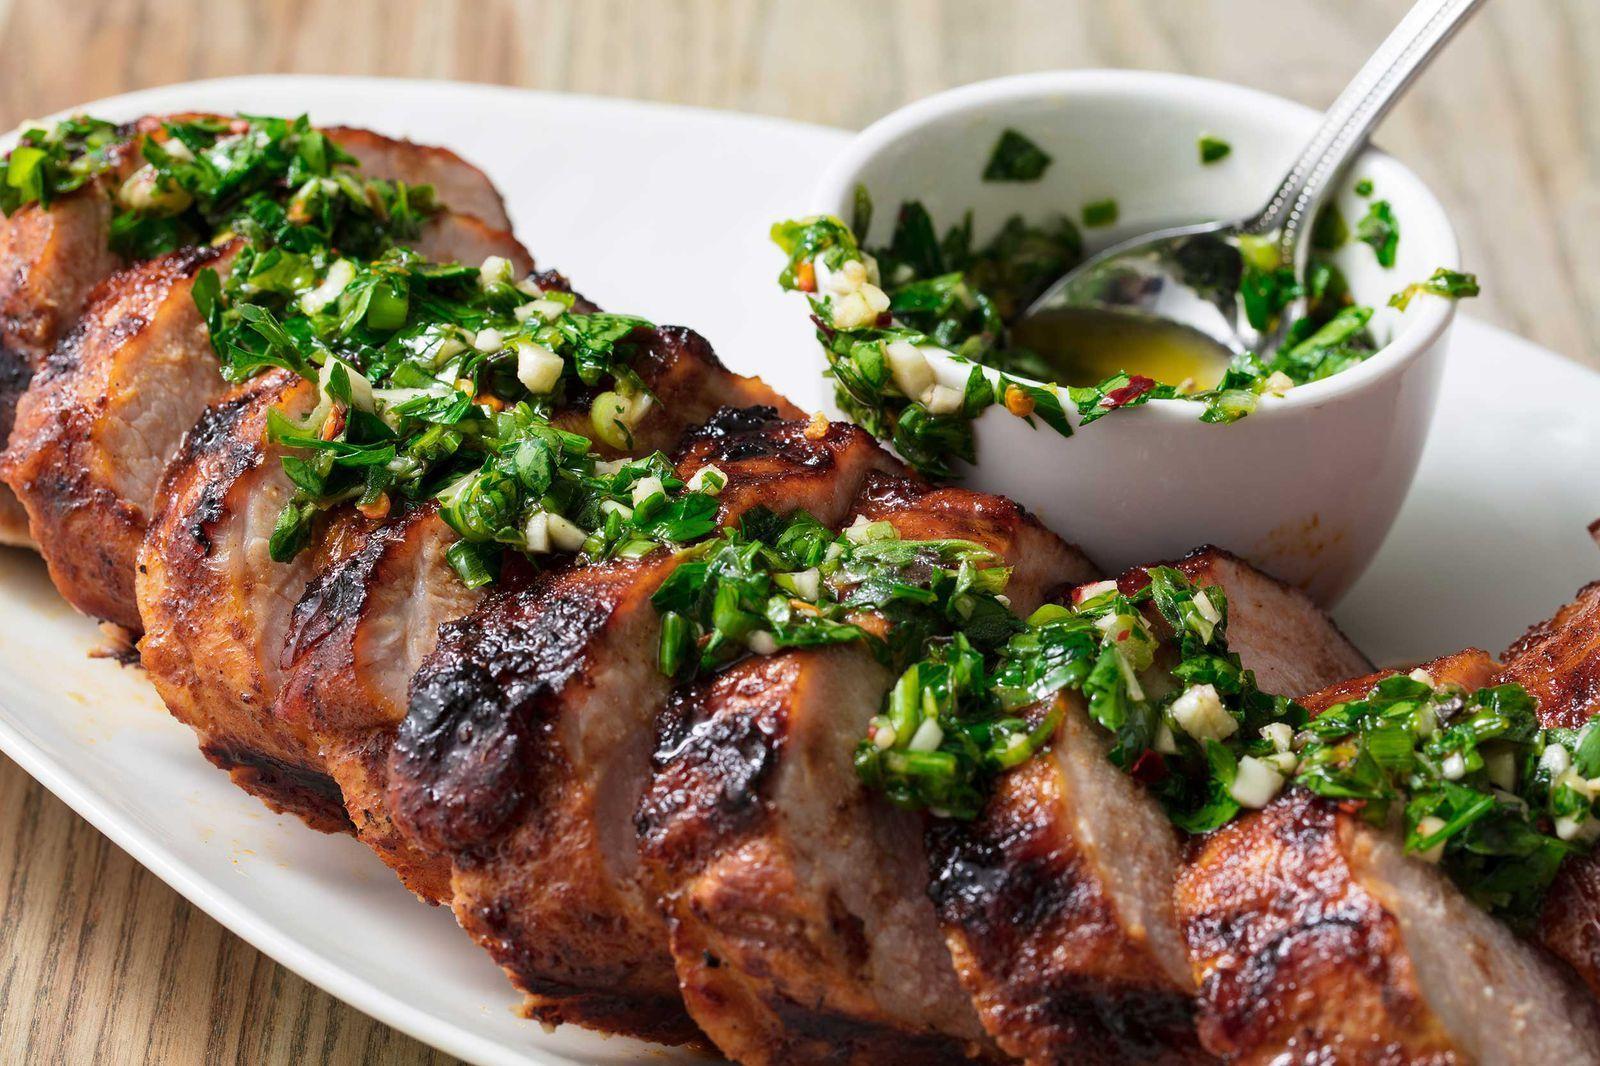 Grilled pork tenderloin is a summer mustdelish pork